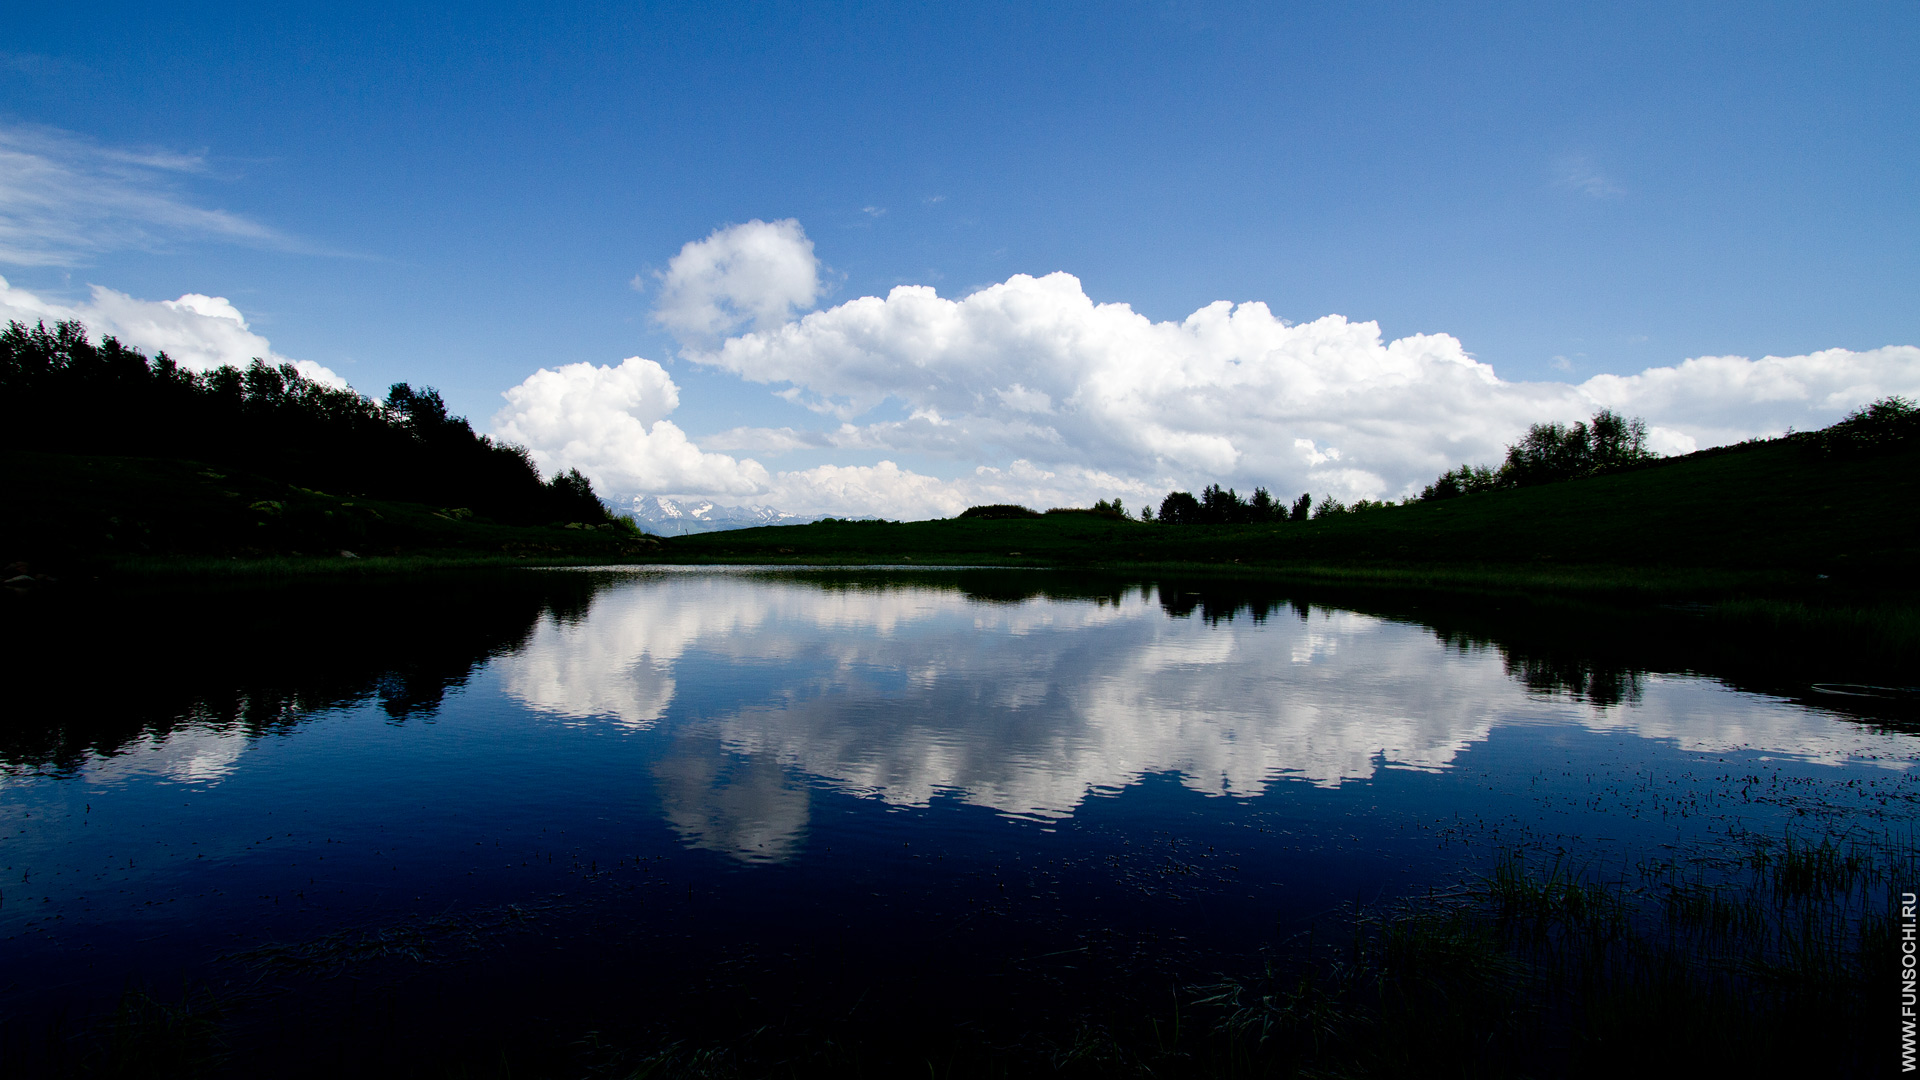 зеркальное озеро спб фото сможете добавлять текст